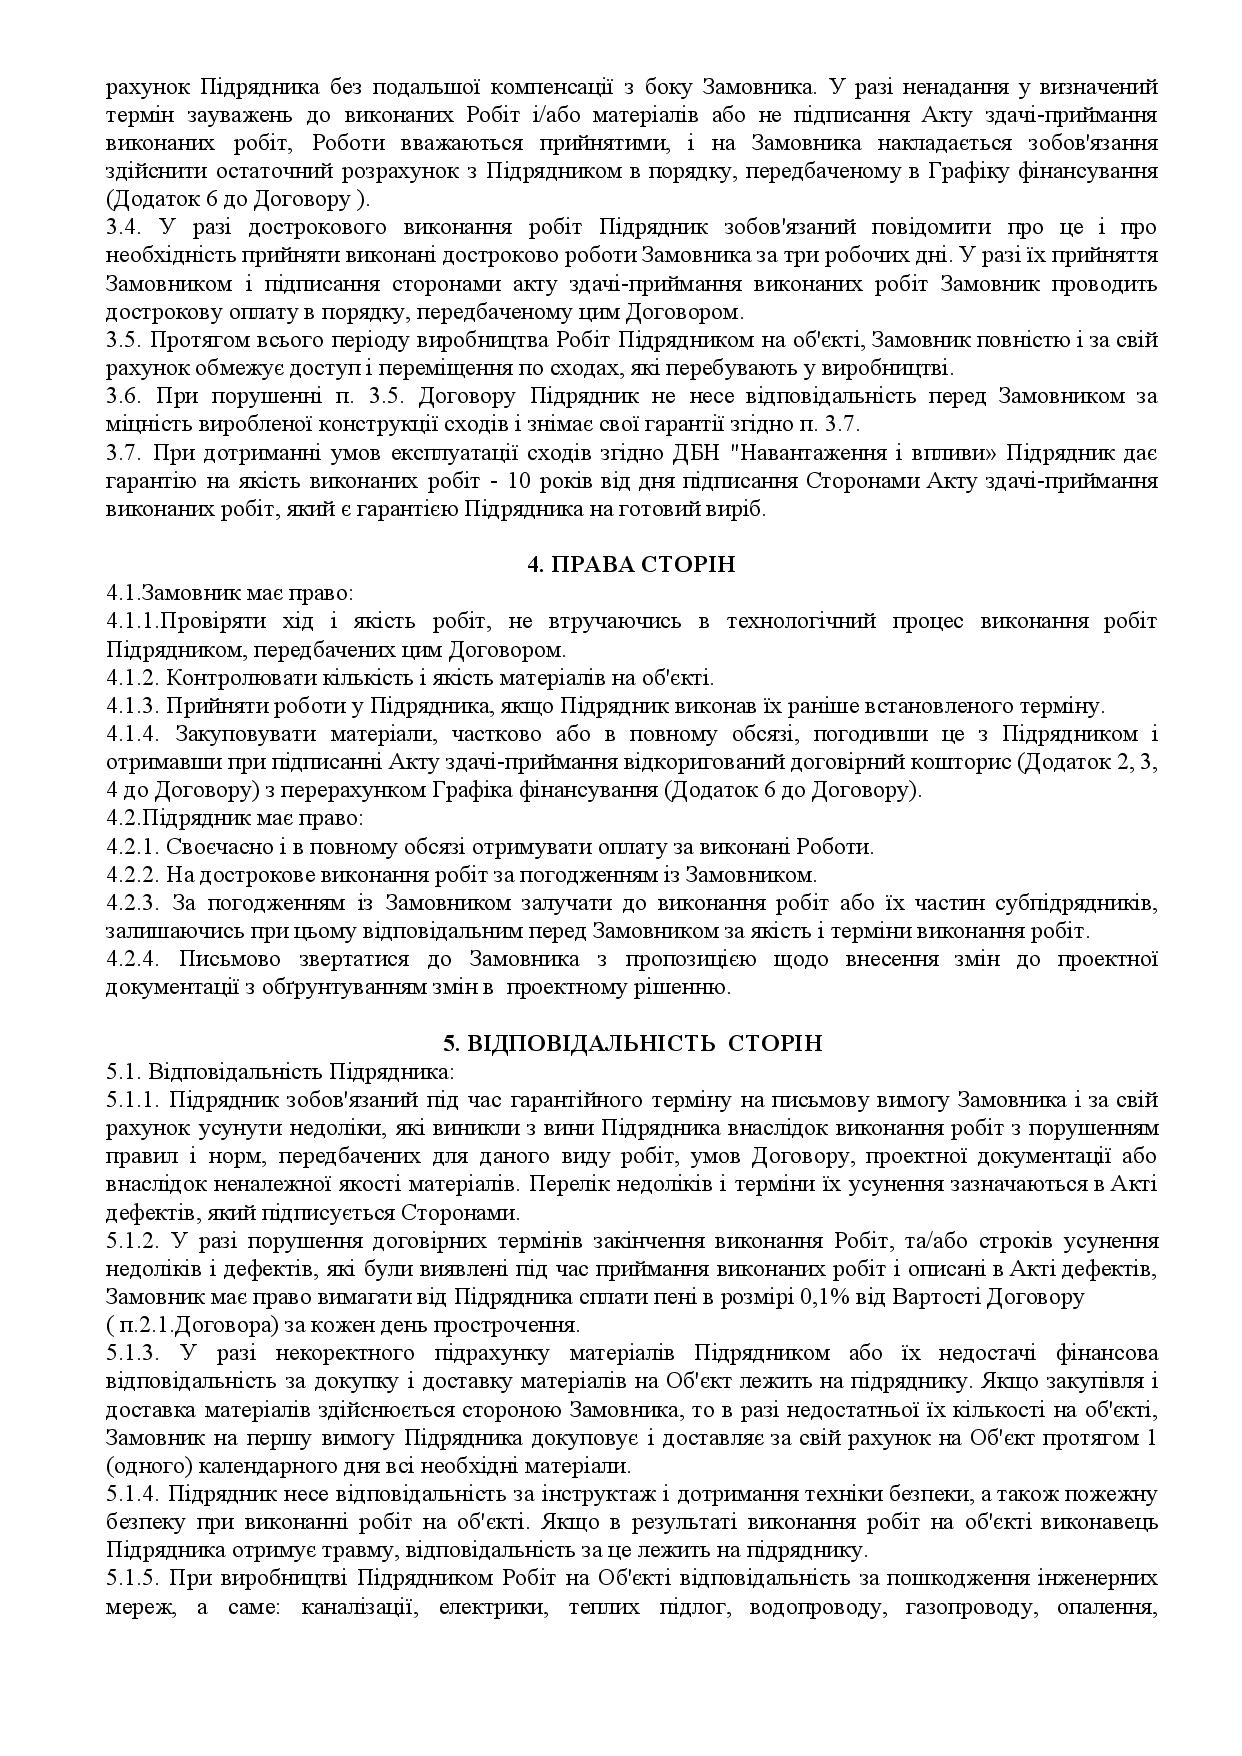 Зразок договору сторінка 2